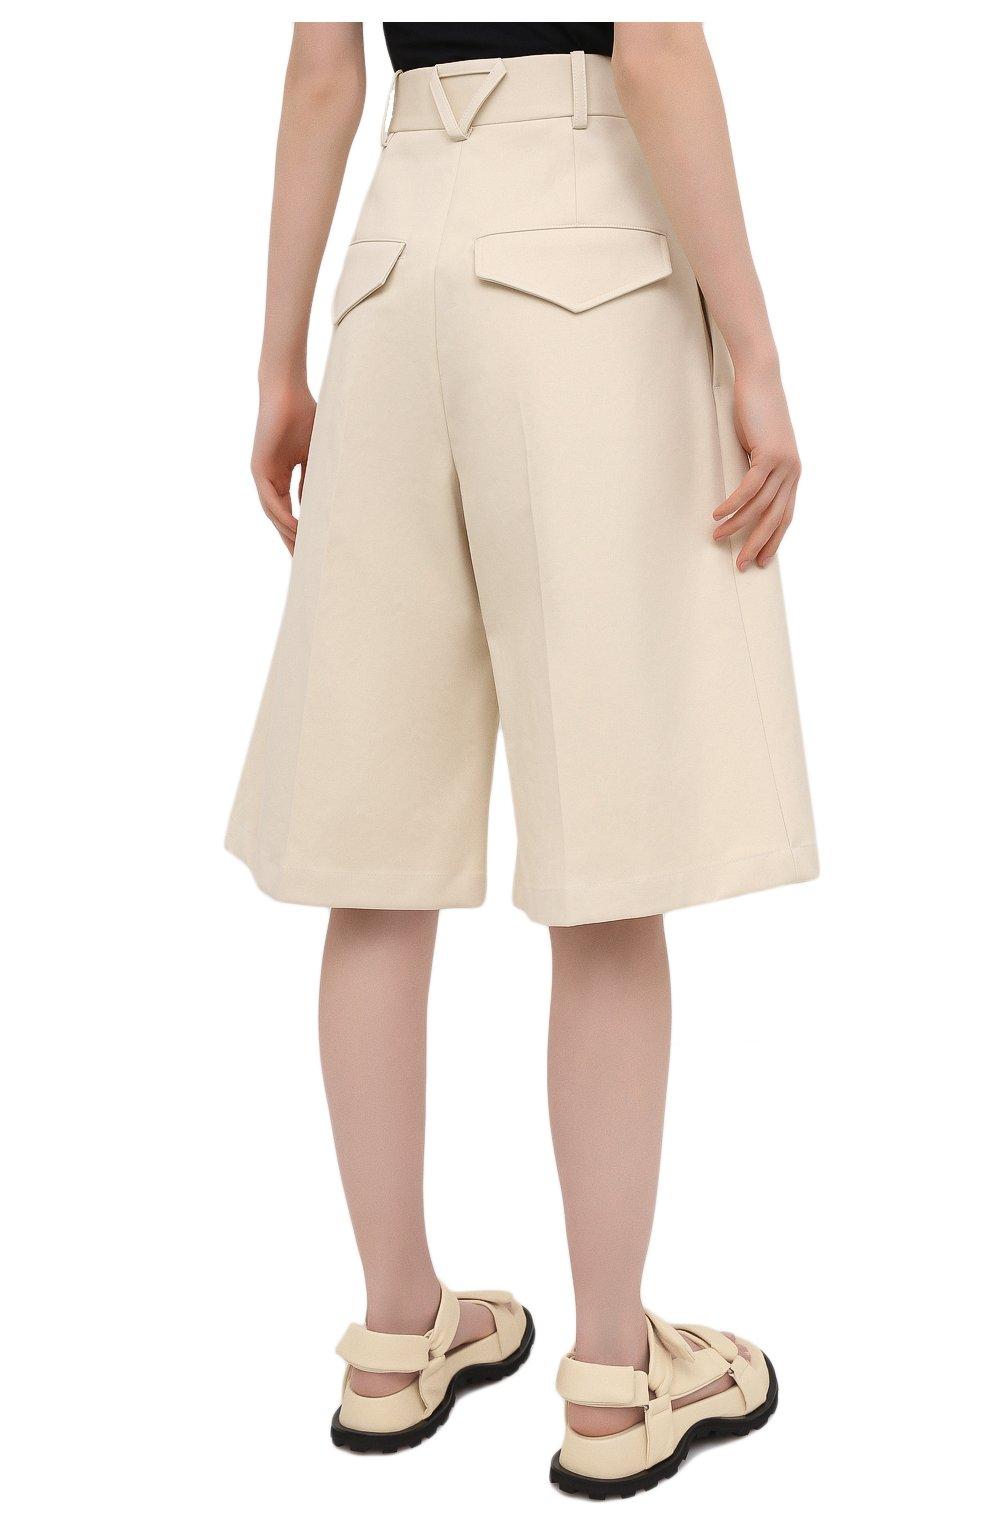 Женские хлопковые шорты BOTTEGA VENETA светло-бежевого цвета, арт. 651652/V0BS0   Фото 4 (Женское Кросс-КТ: Шорты-одежда; Кросс-КТ: Широкие; Материал внешний: Хлопок; Длина Ж (юбки, платья, шорты): До колена; Стили: Минимализм)